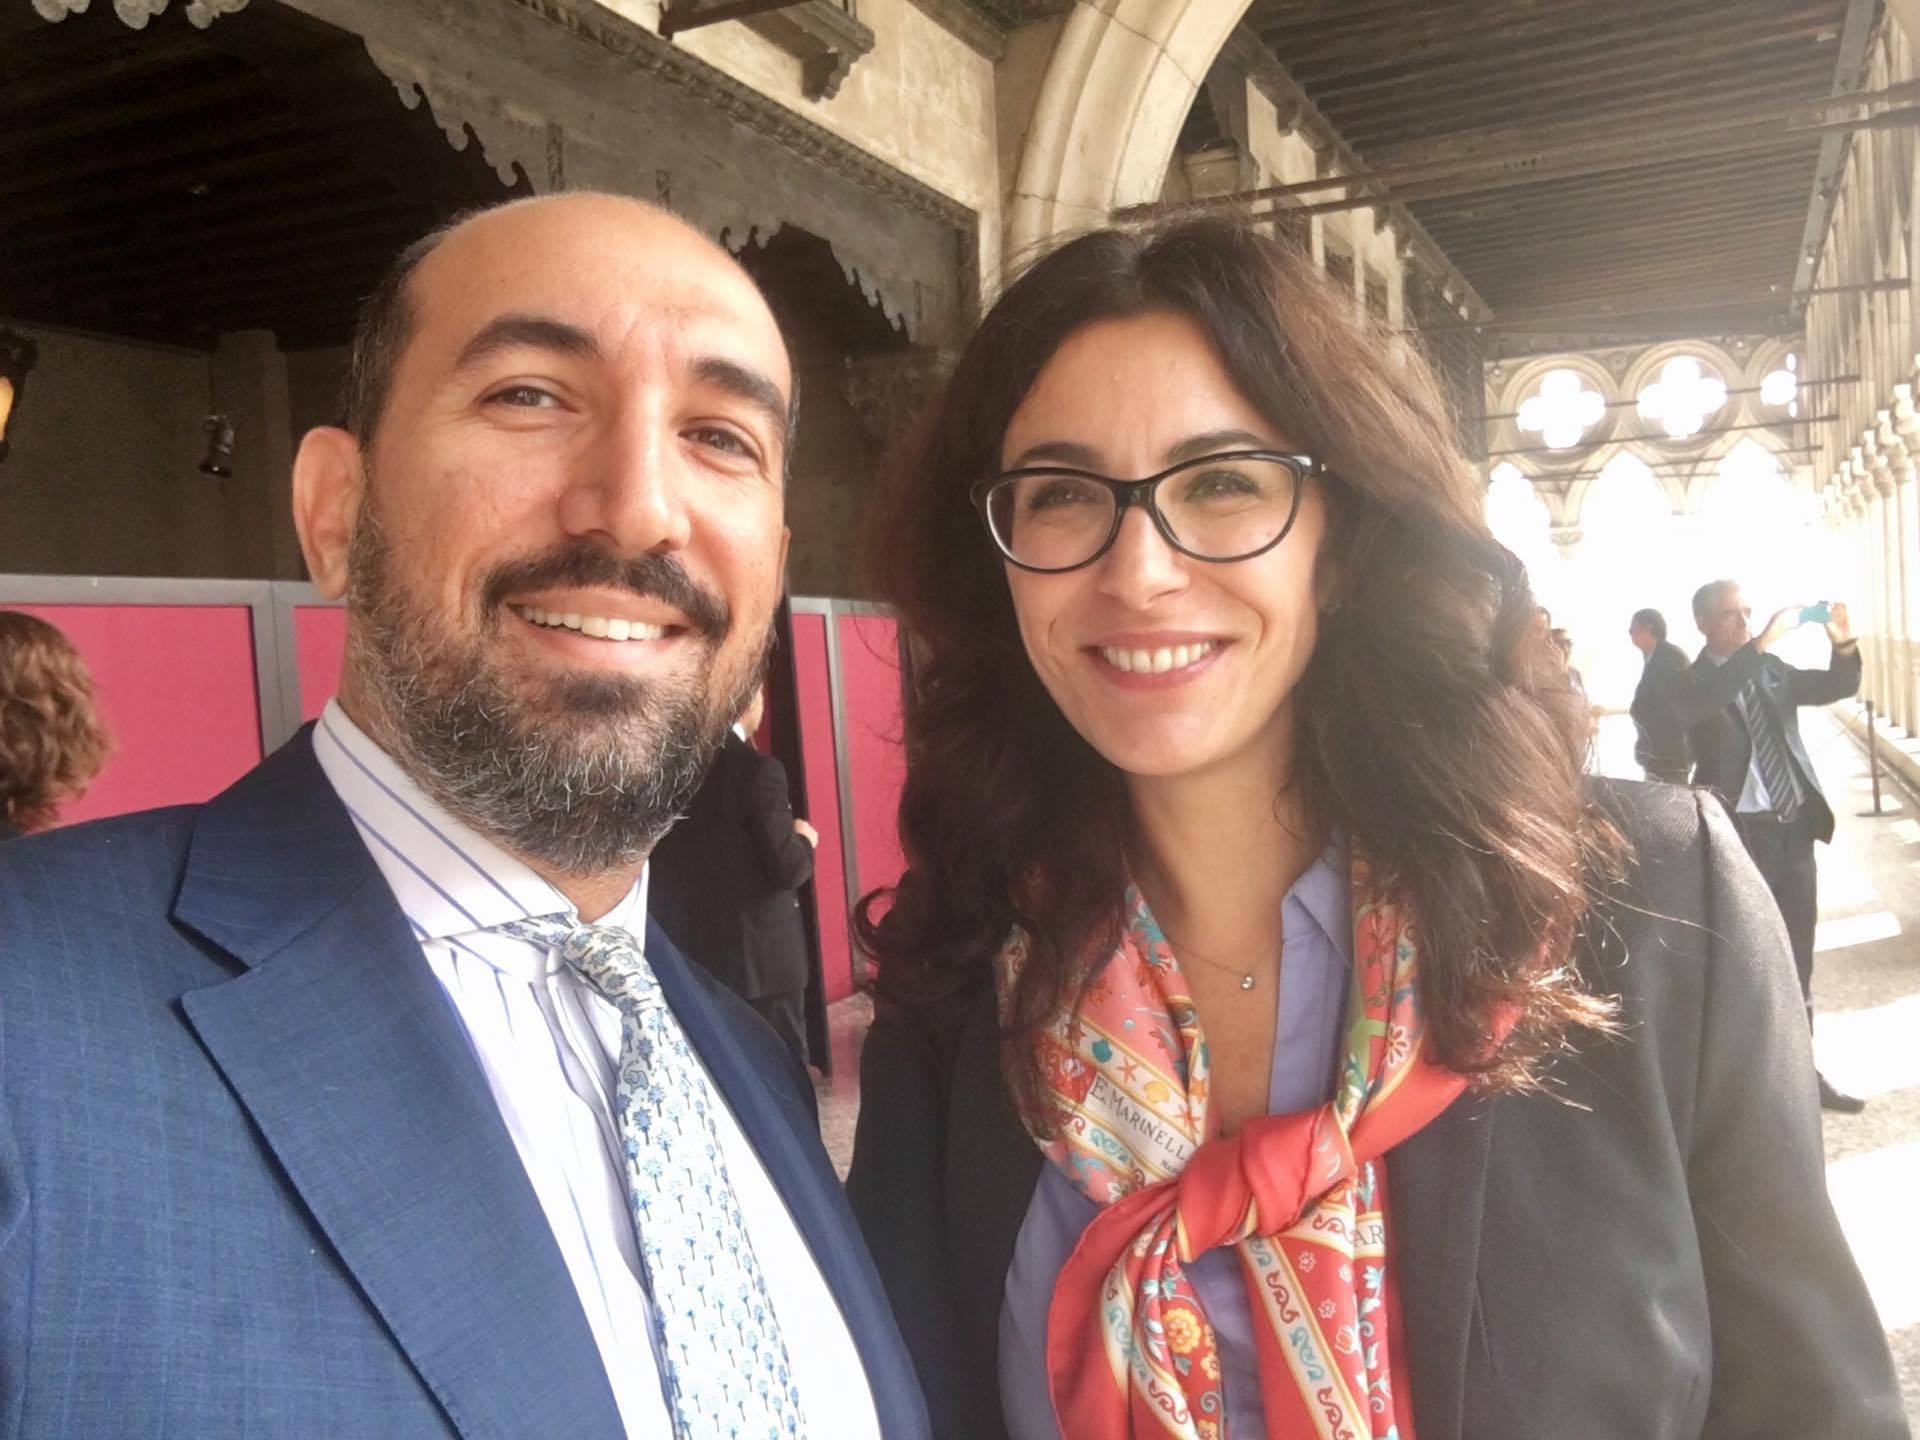 Ο κ. Κωστής Σπύρου με την Lucia Silva, επικεφαλής του τομέα Κοινωνικής Ευθύνης του Ομίλου